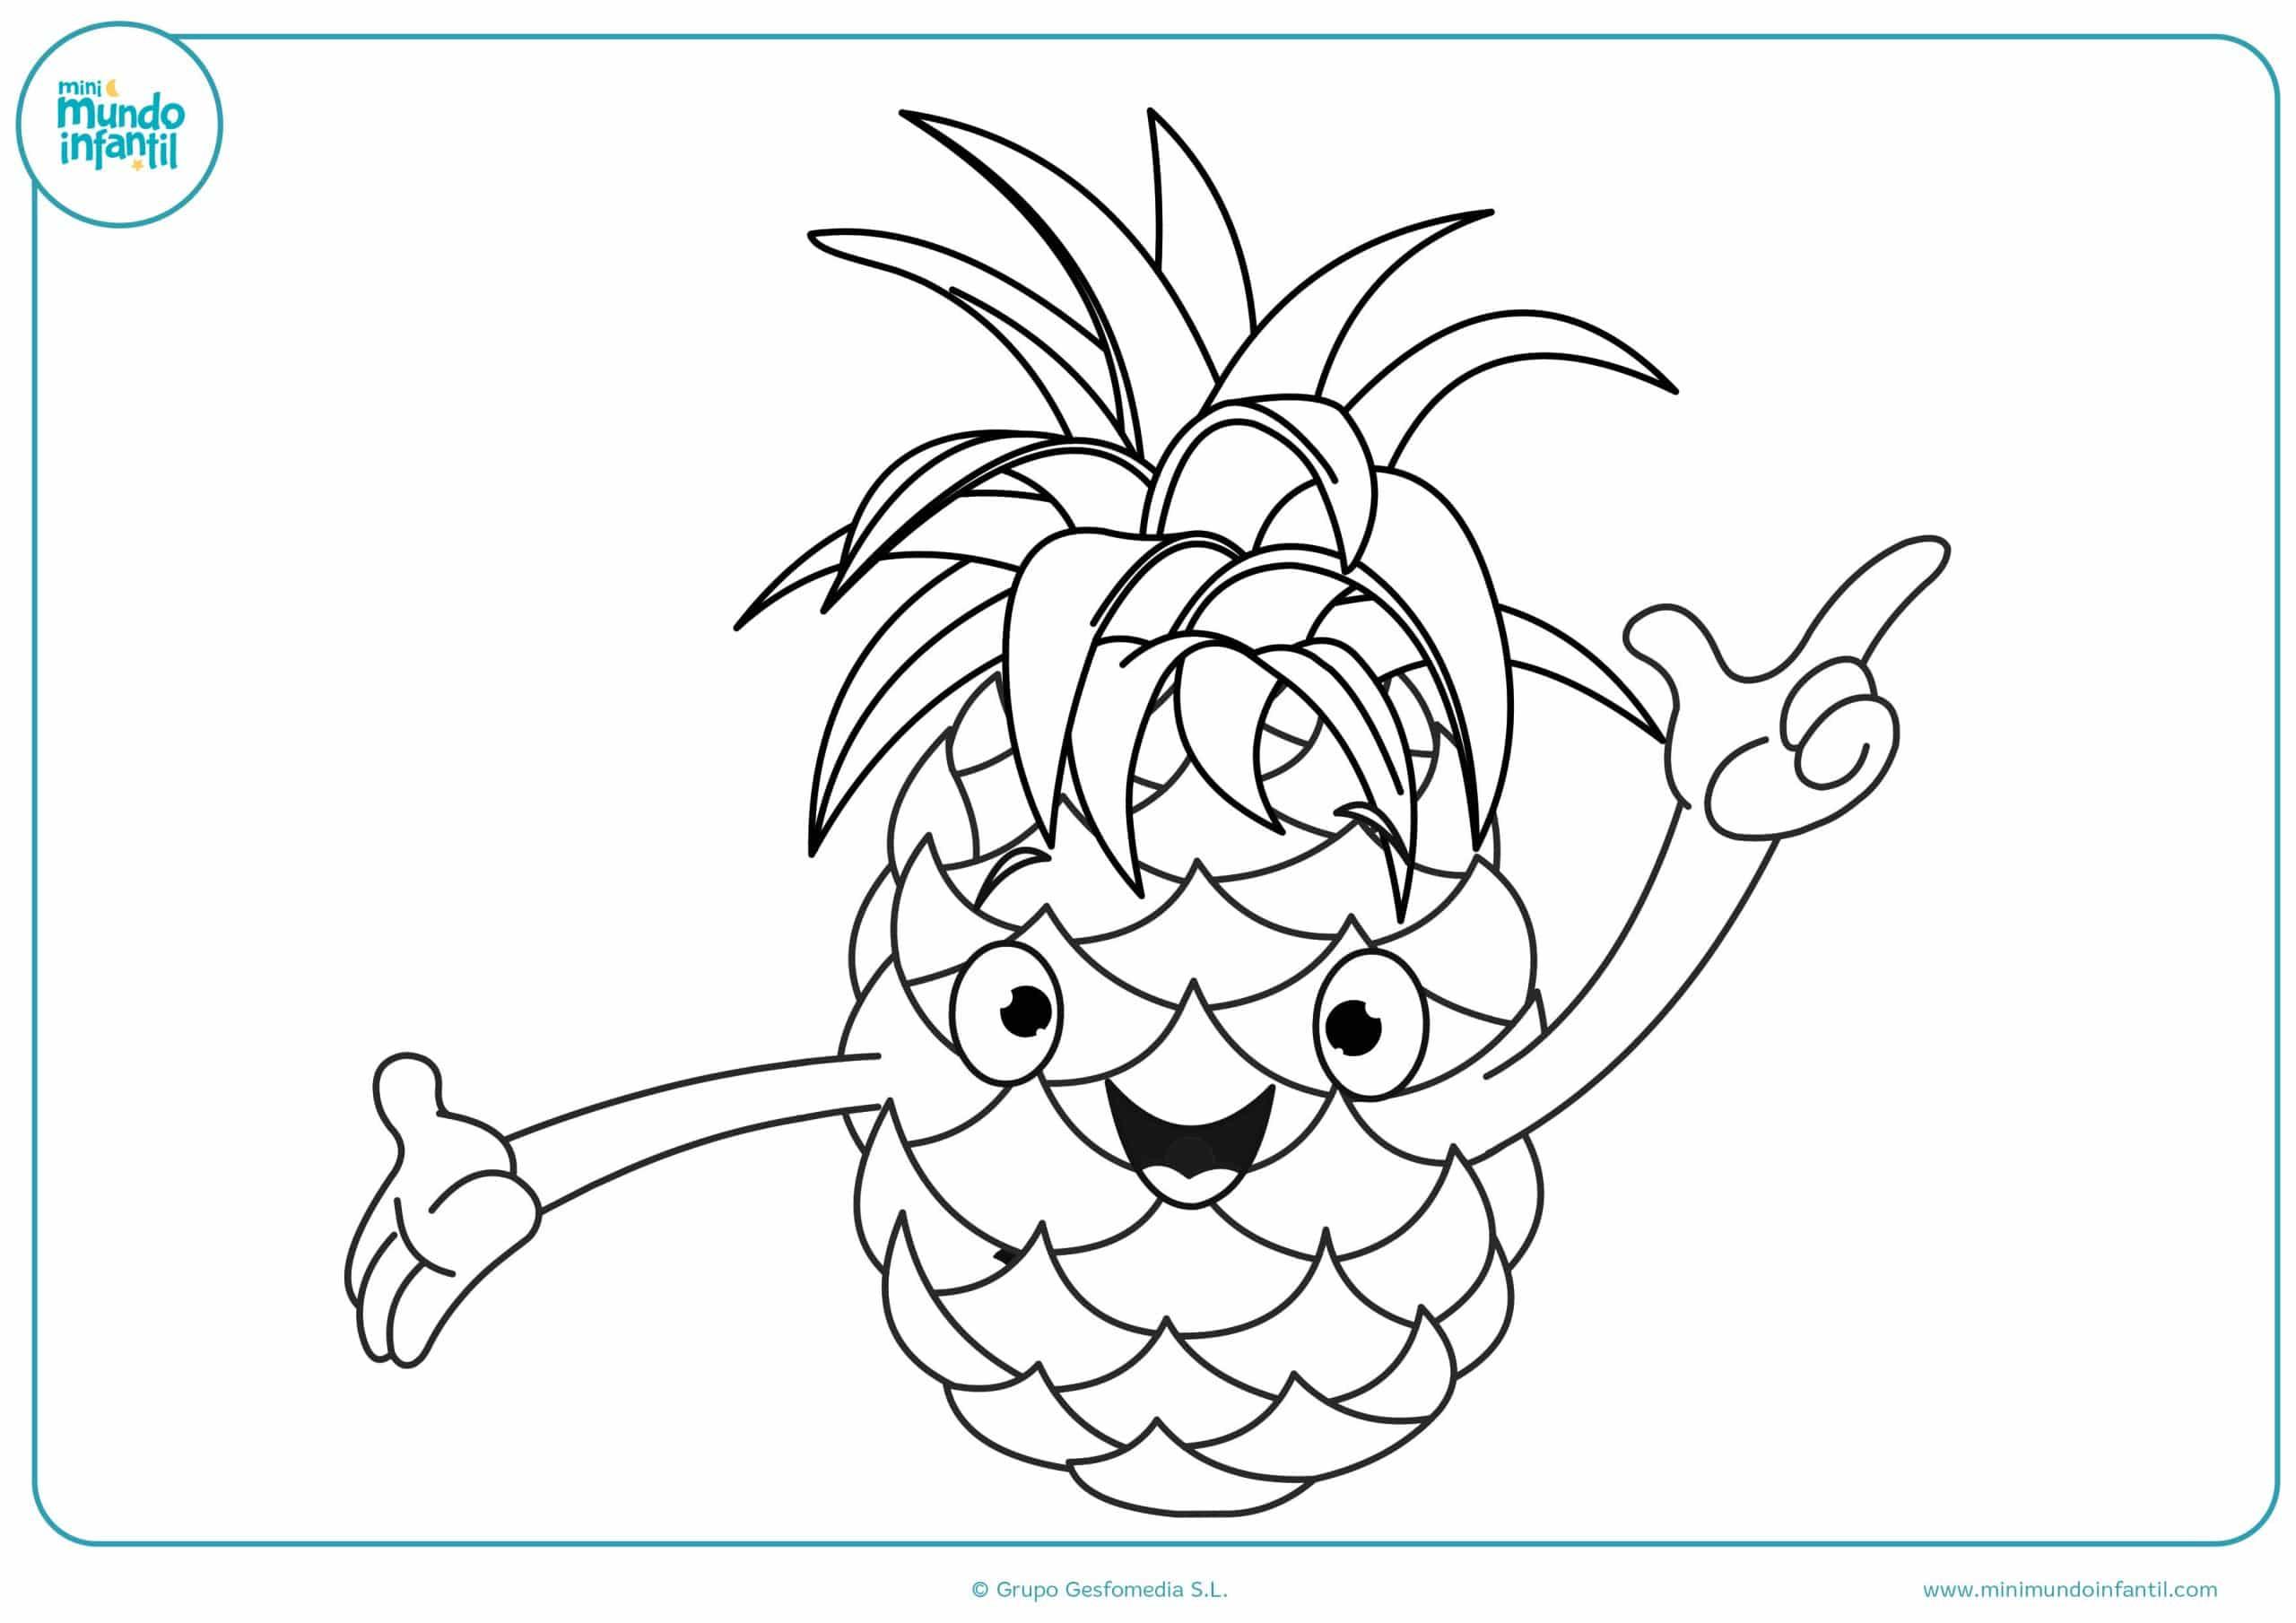 Colorear dibujos frutas gratis